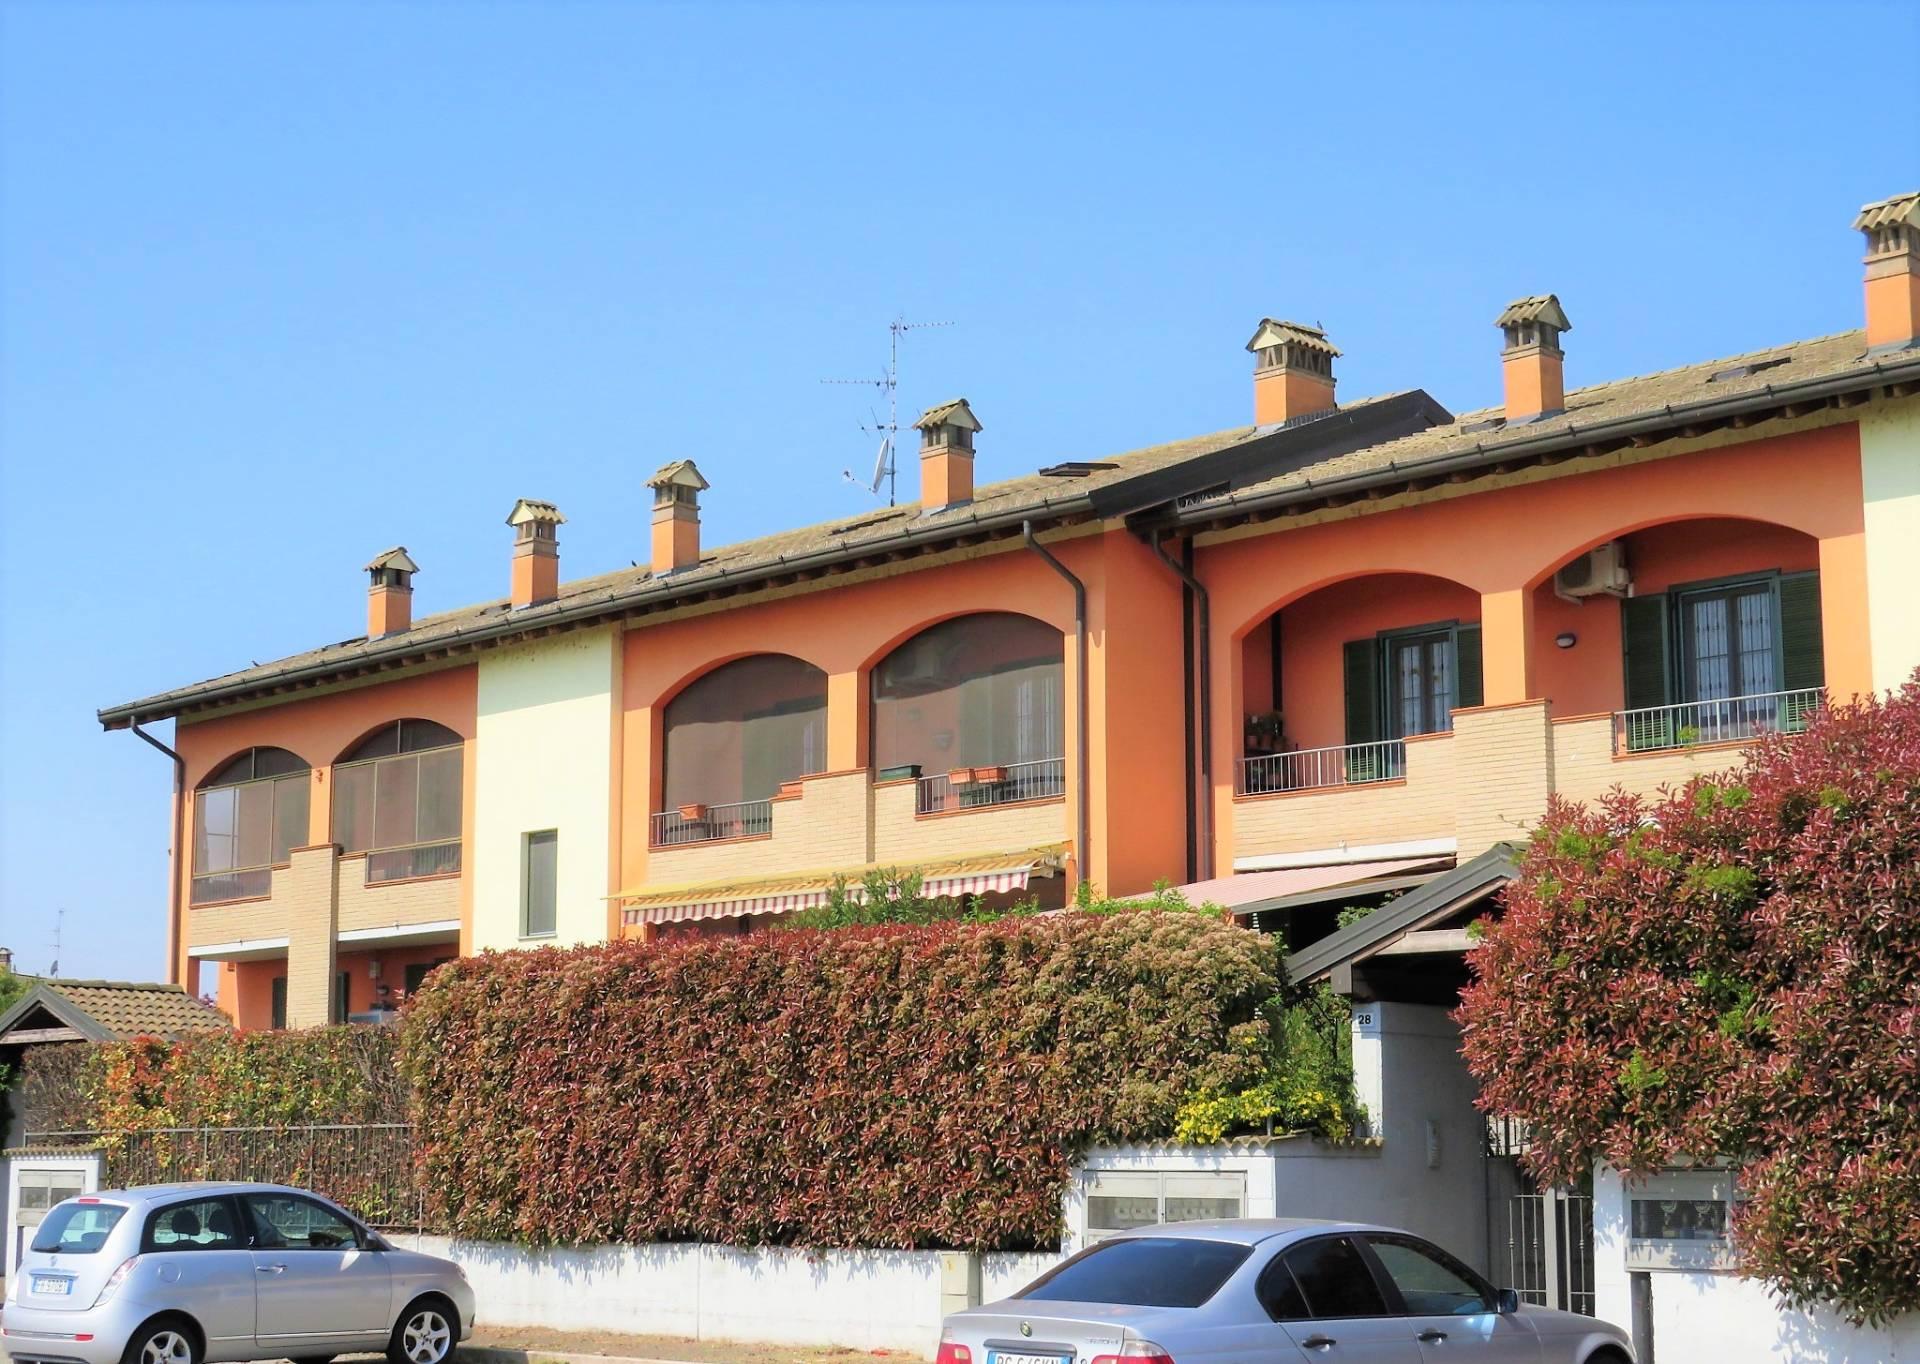 Appartamento in vendita a Bornasco, 4 locali, prezzo € 175.000 | PortaleAgenzieImmobiliari.it